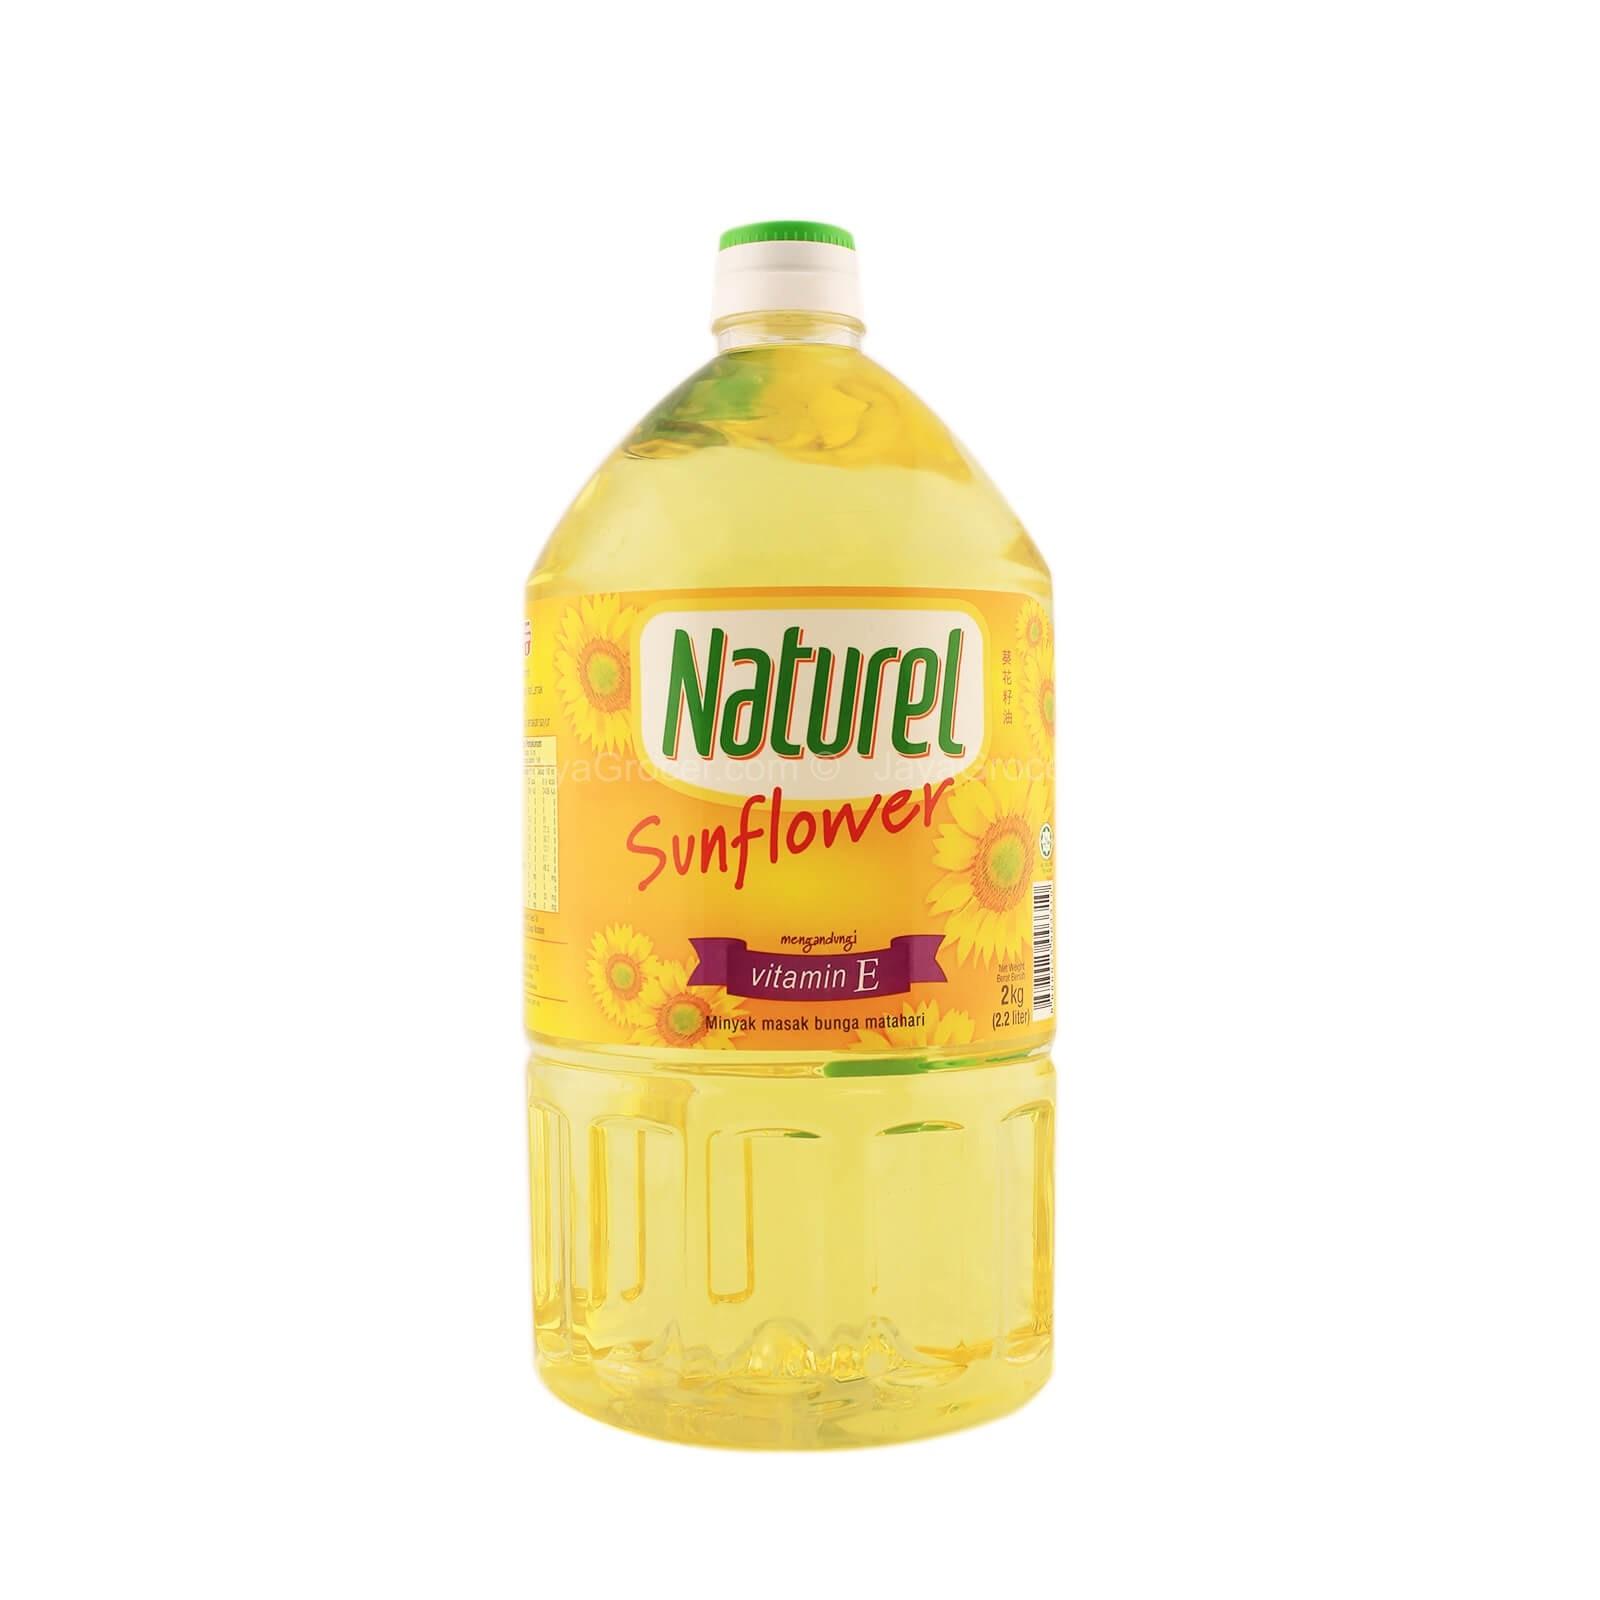 Naturel Sunflower Oil